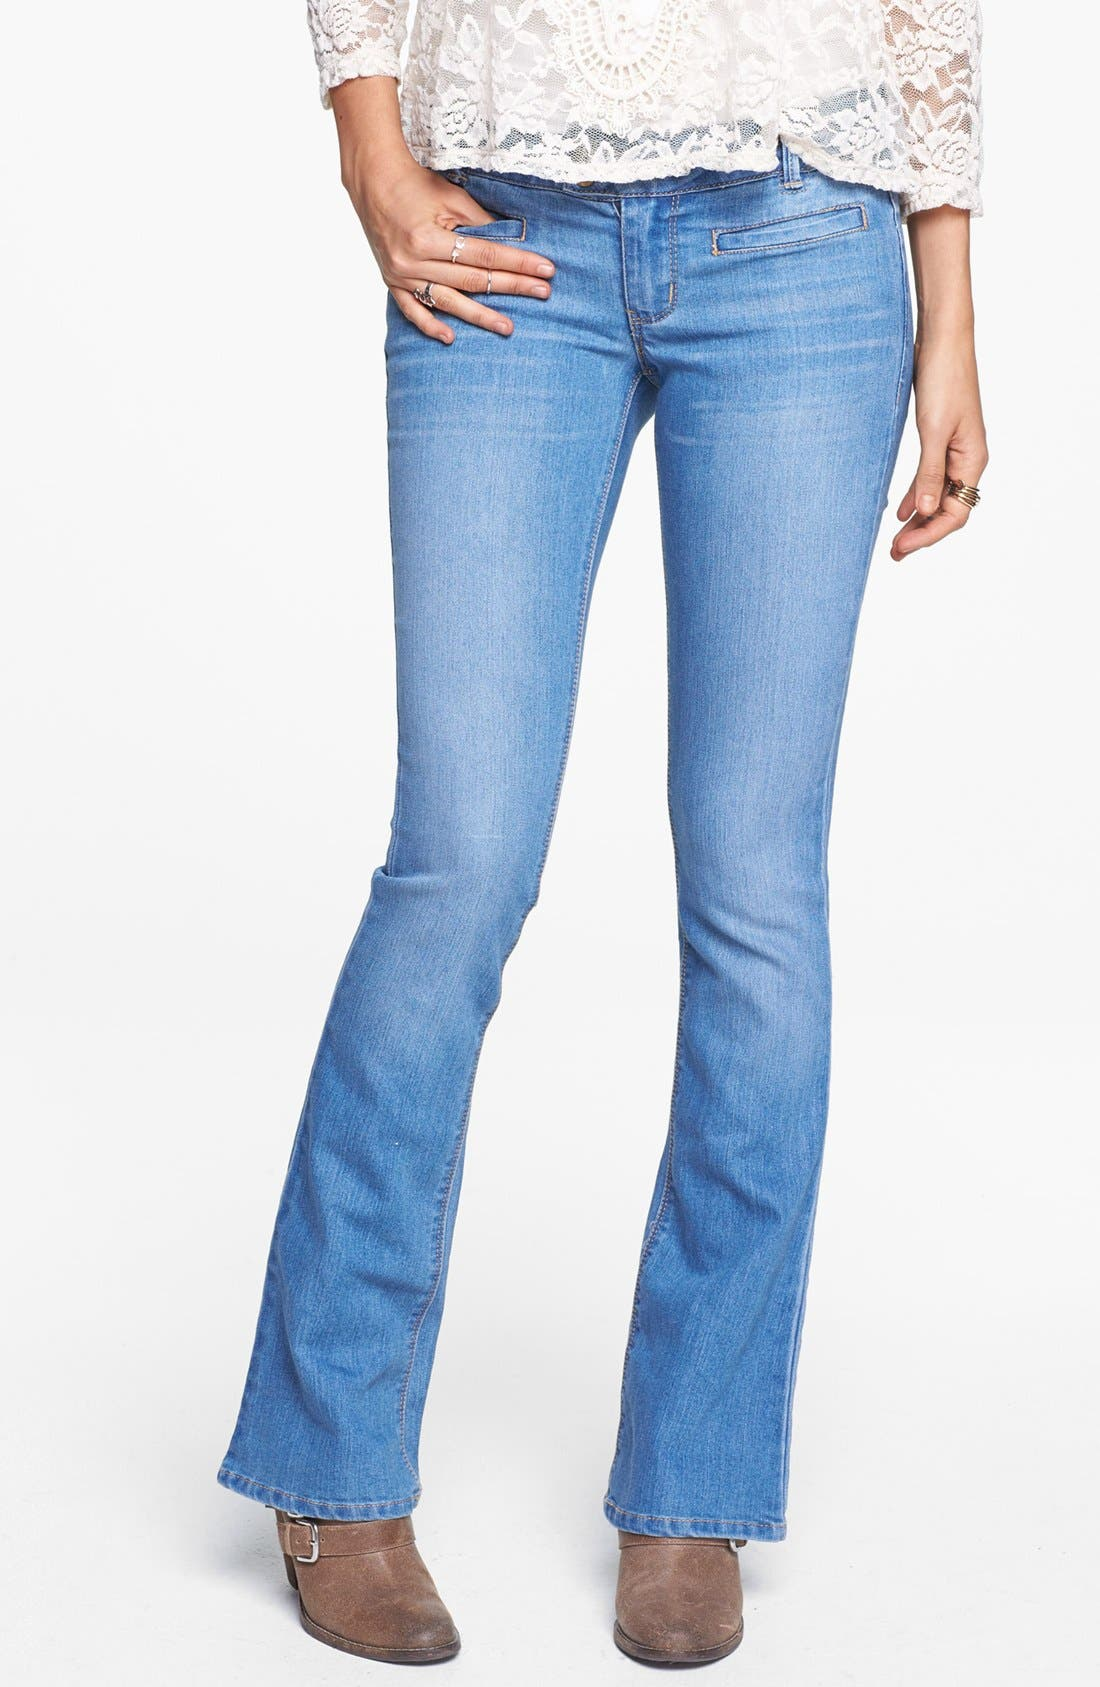 Alternate Image 1 Selected - Jolt Welt Pocket Bootcut Jeans (Light) (Juniors) (Online Only)